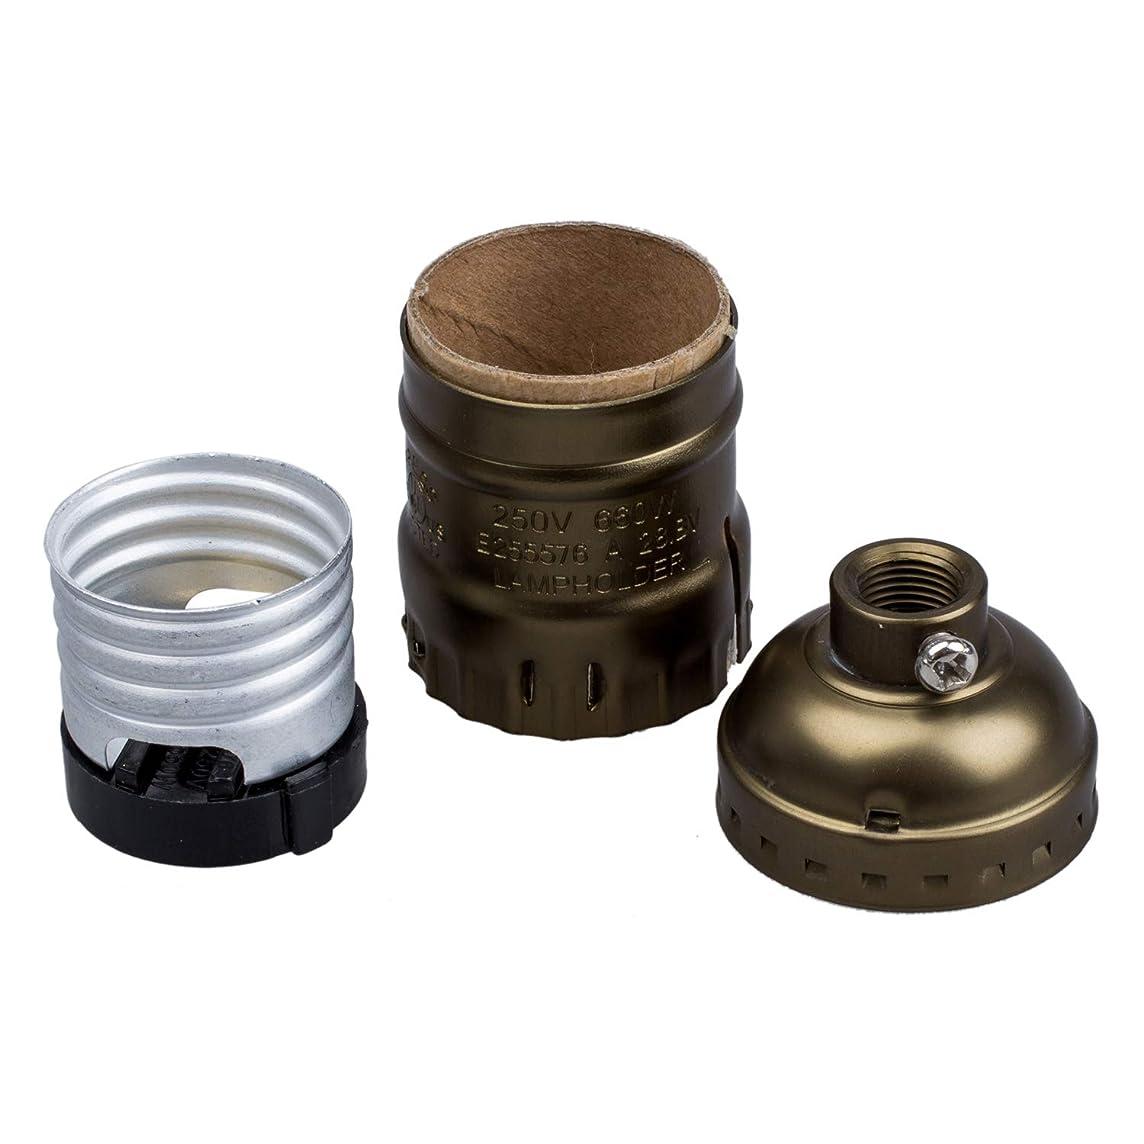 火炎レビュー監督するACAMPTAR E27エジソン球根 ビンテージスタイル銅(スイッチおよびワイヤなし)